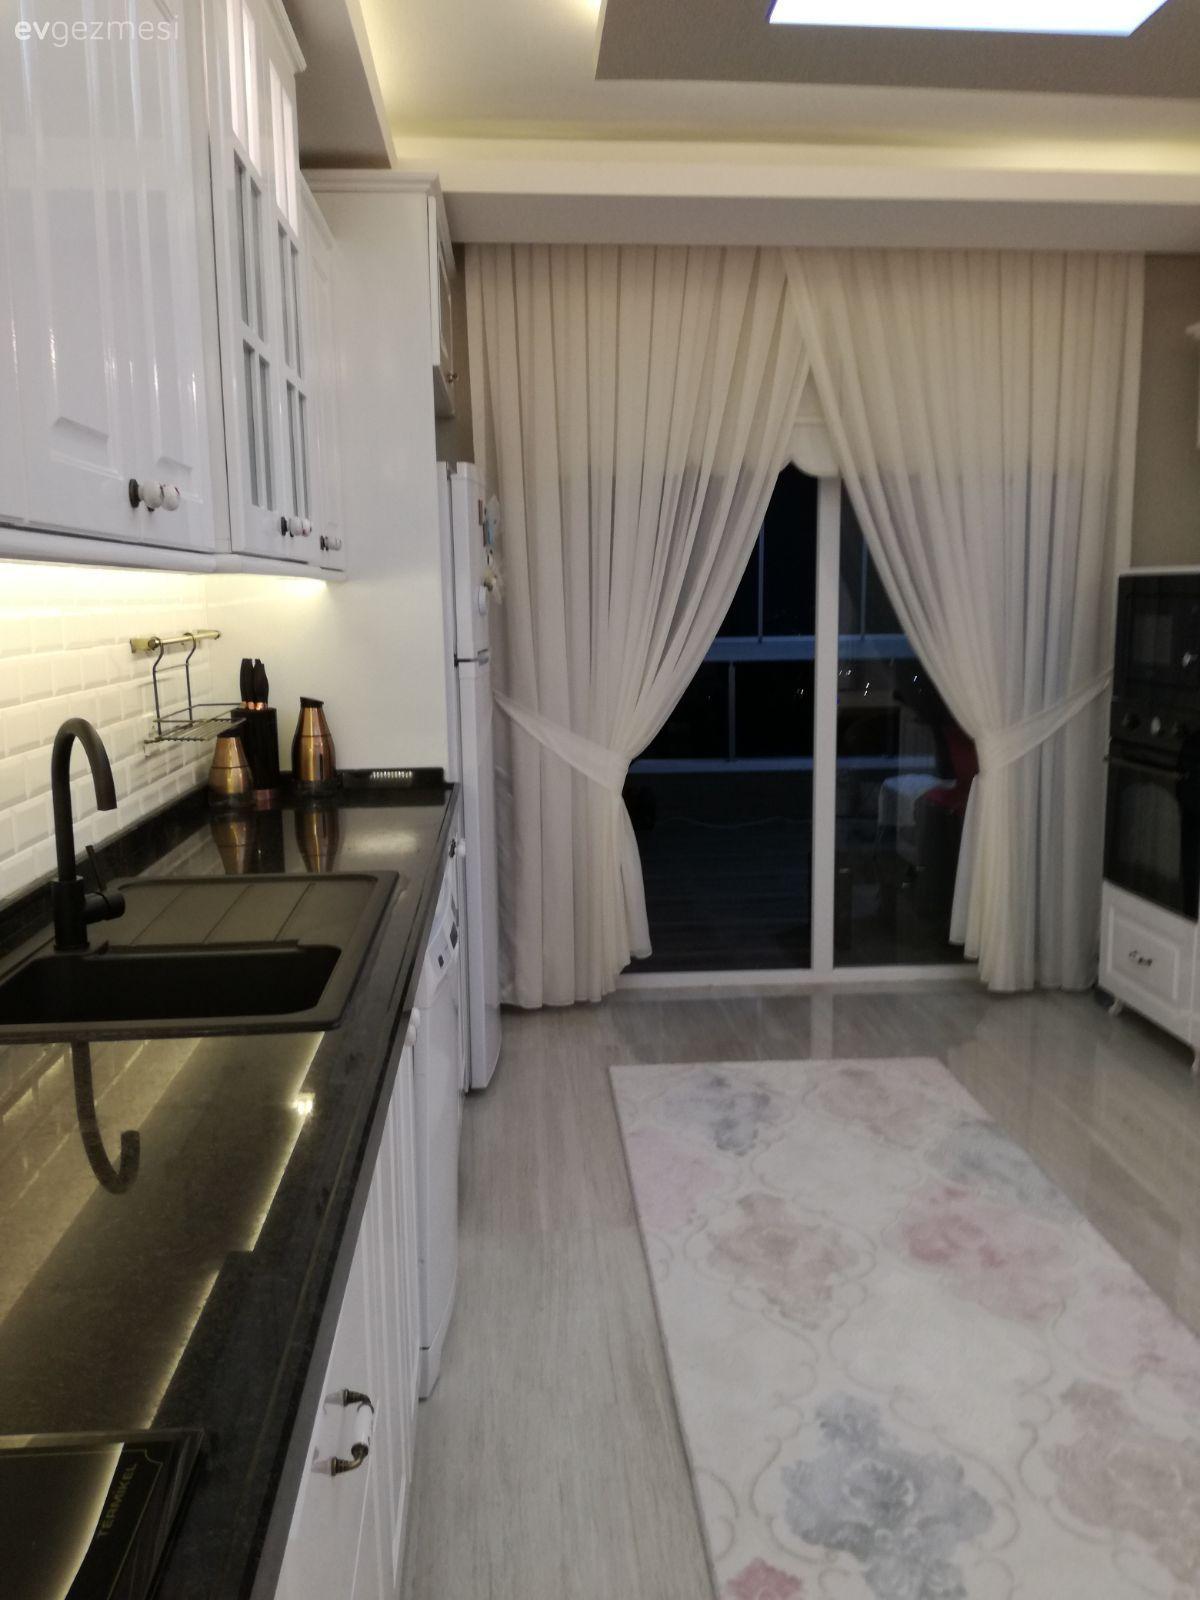 Evimden Birkac Kare Paylasmak Istedim Ev Gezmesi Beyaz Mutfaklar Ev Icin Minimalist Ev